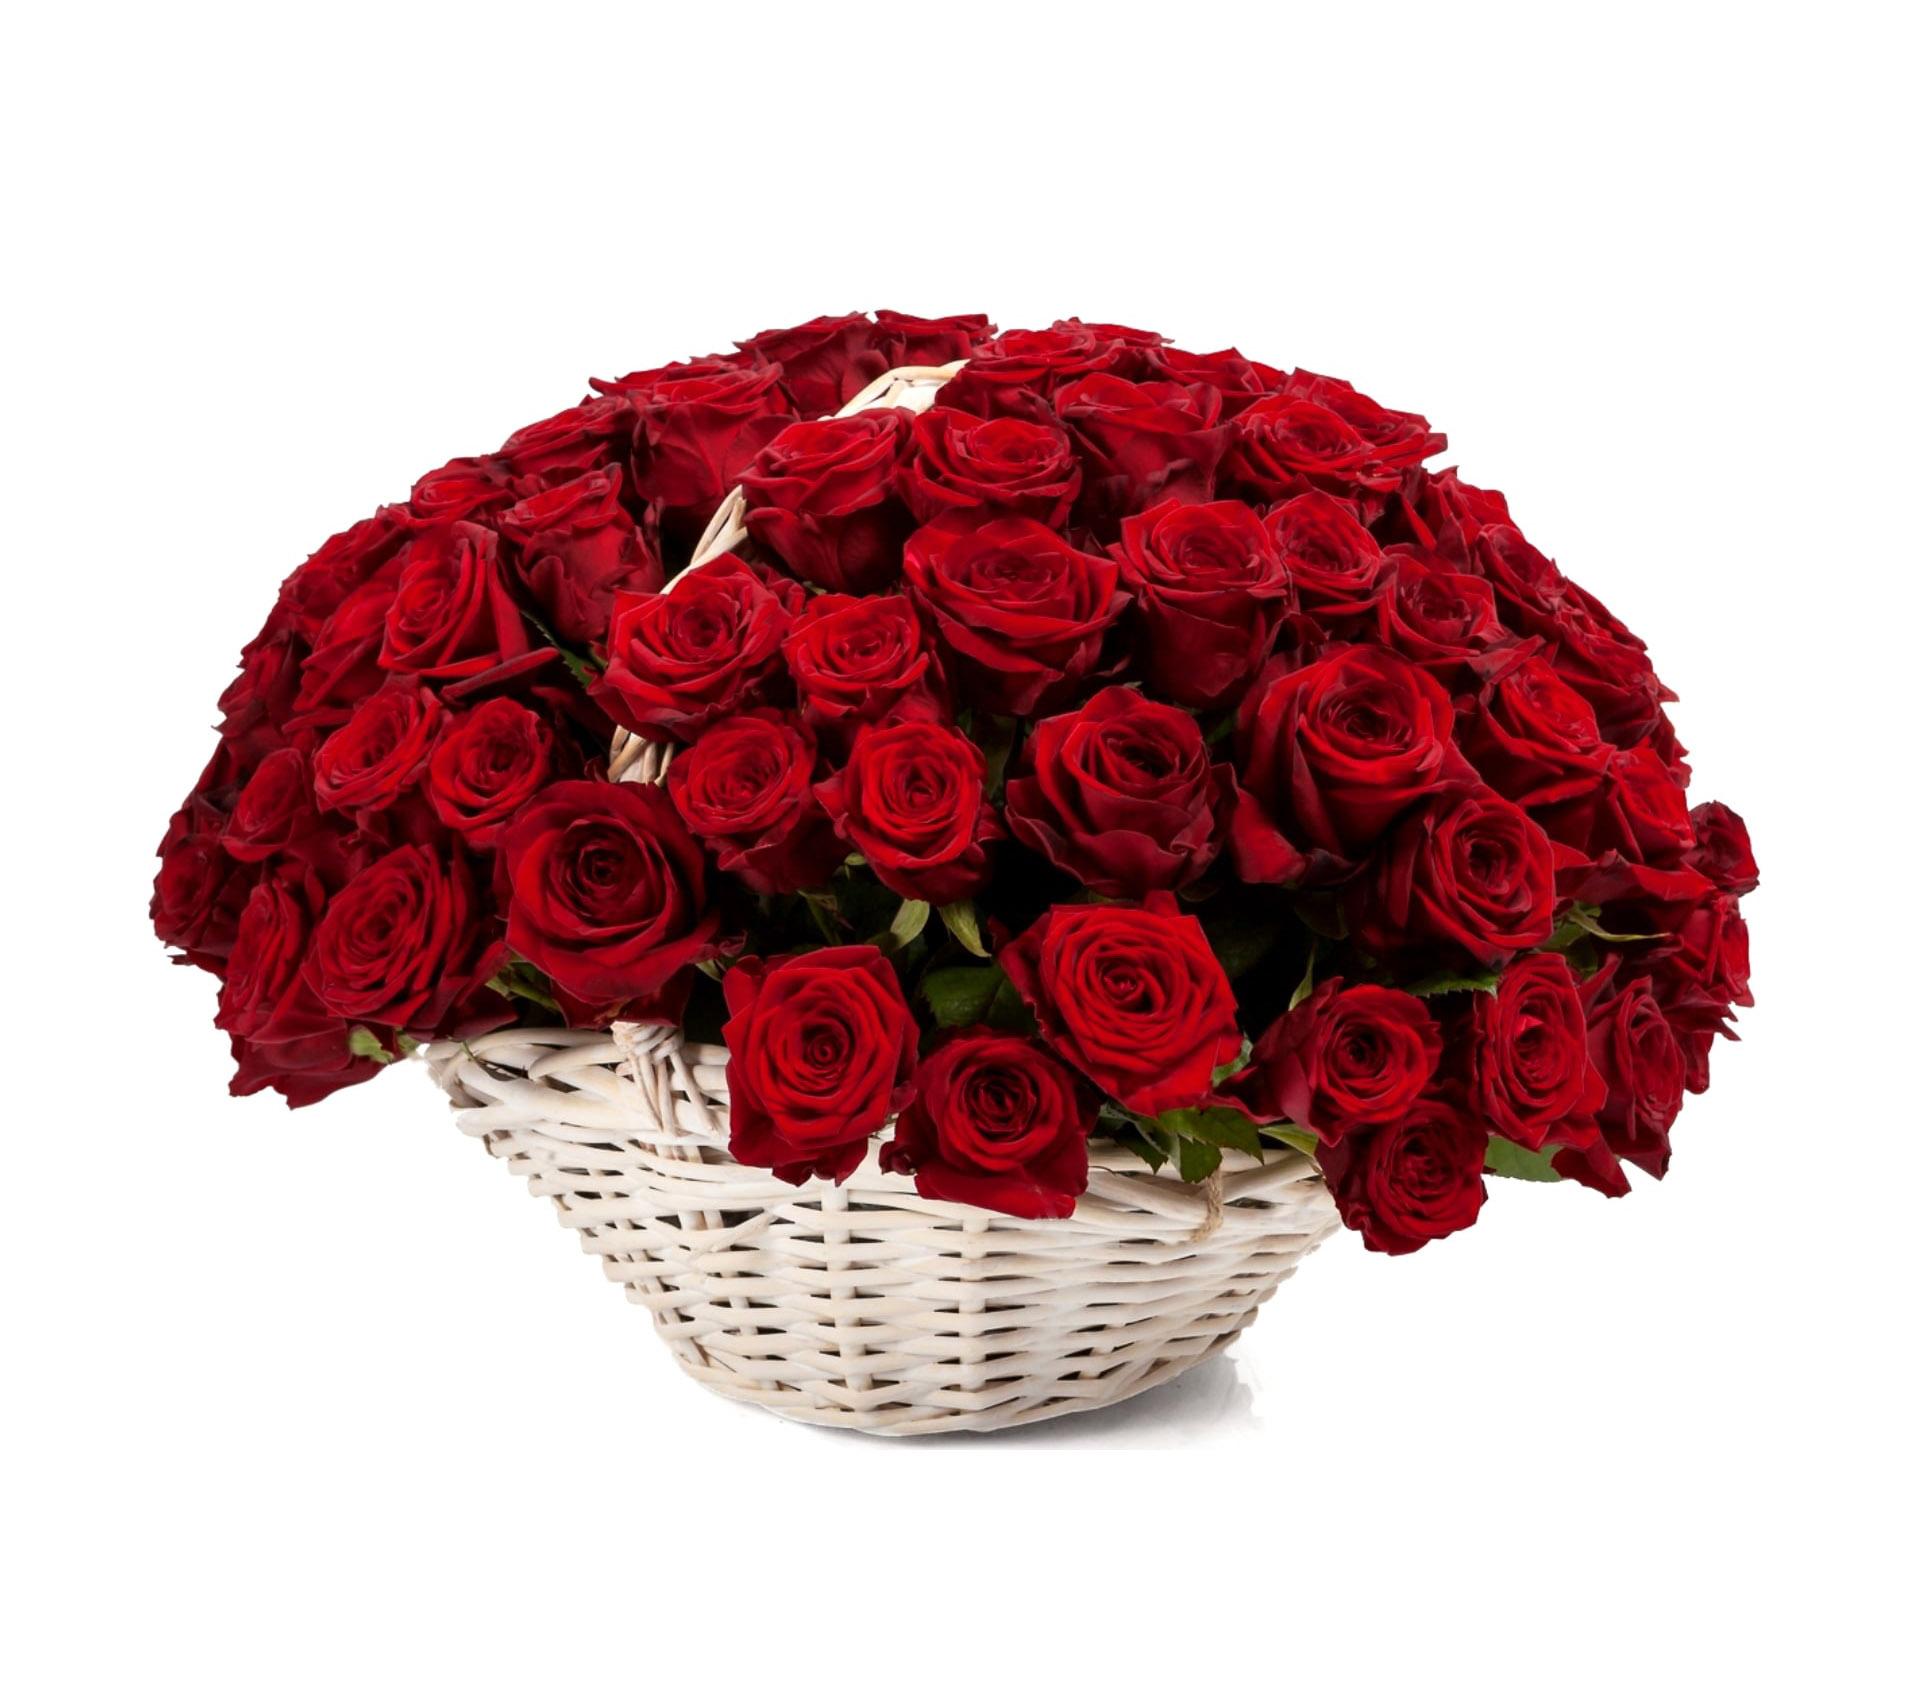 открытки картинки красивые букеты роз добывали территории грузии